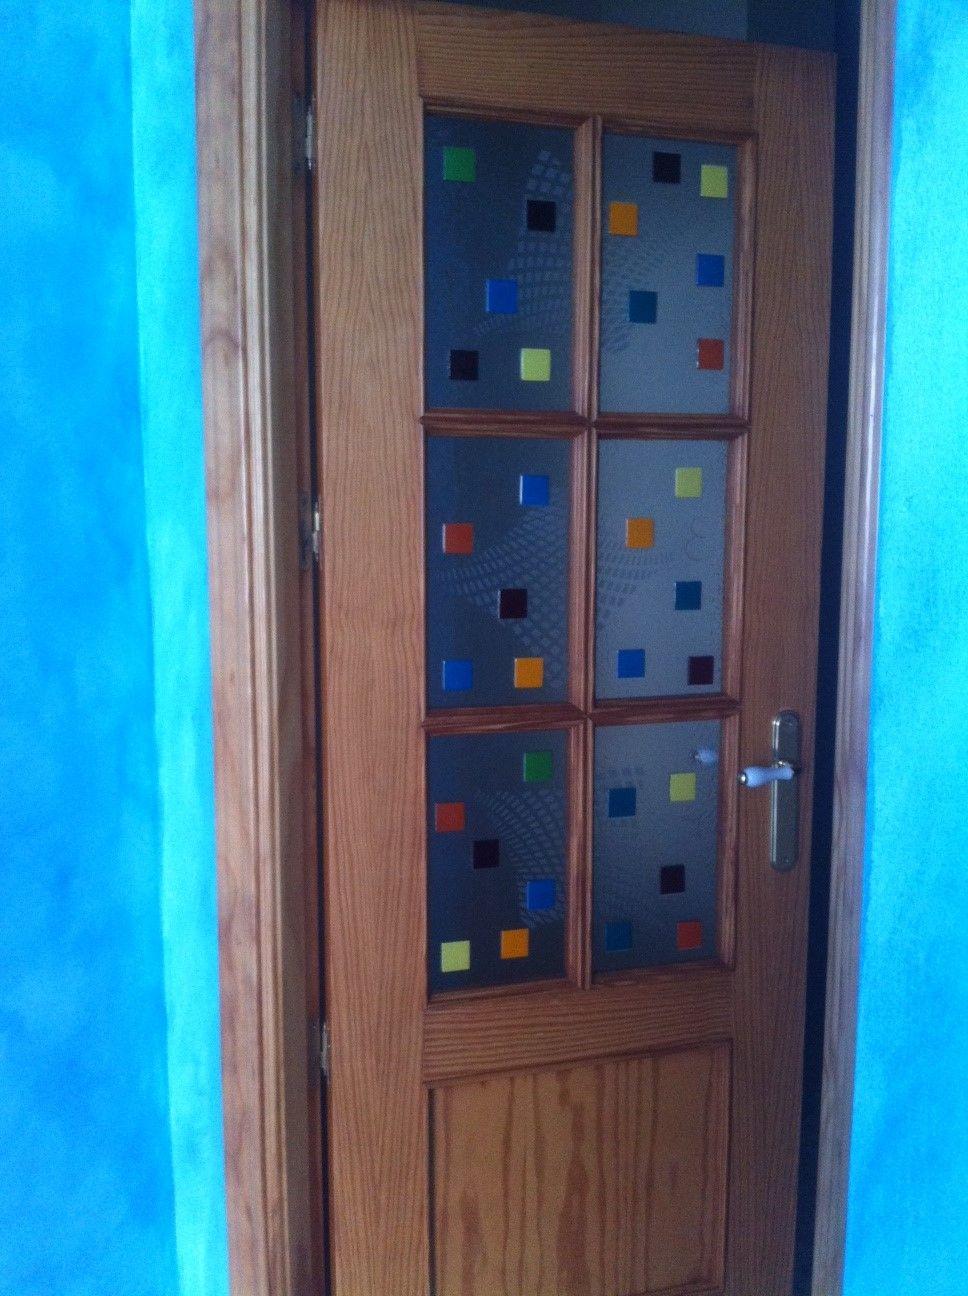 Cristales decorados en puerta de paso etxea puertas - Cristales decorados para puertas ...